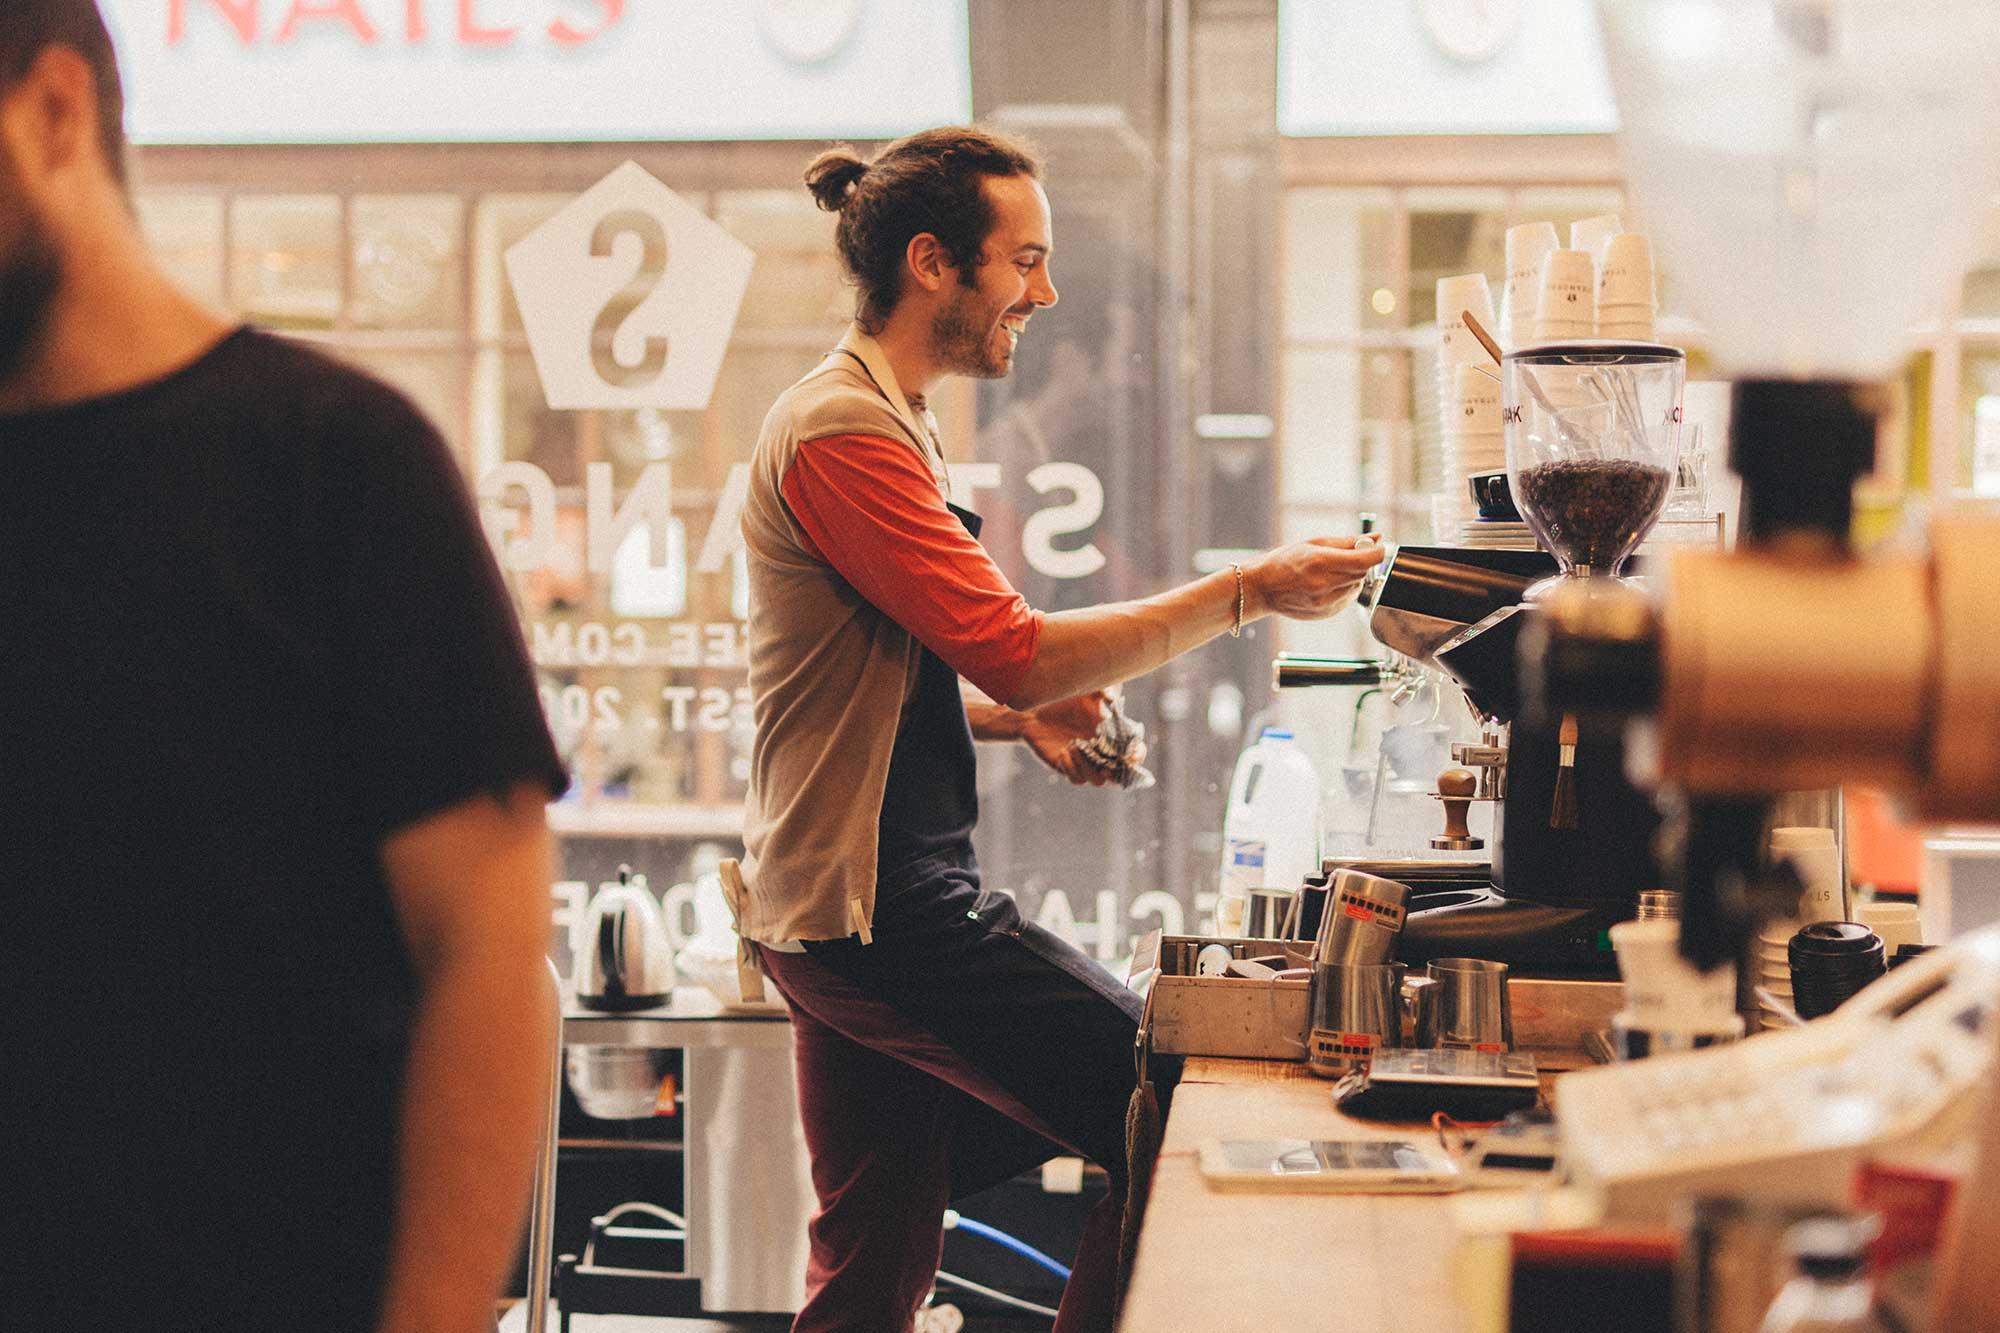 strangers-coffee-norwich-best-coffee.jpg